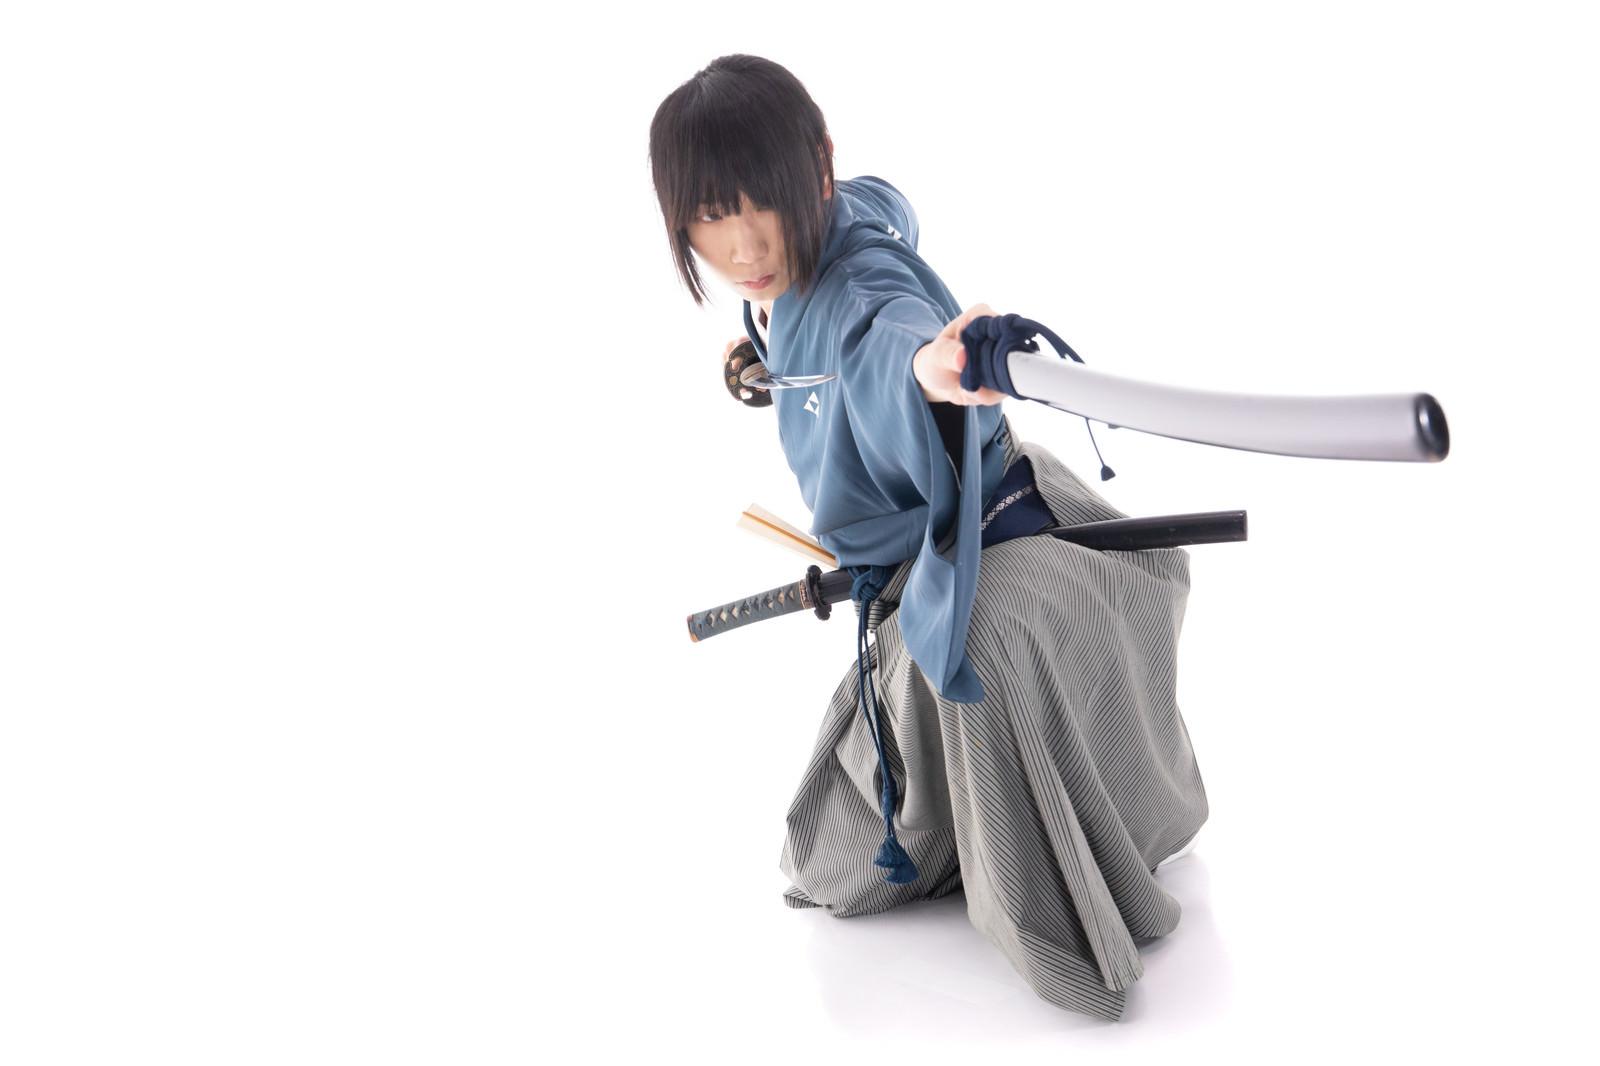 「刀の鞘を使った攻撃」の写真[モデル:まーこ]